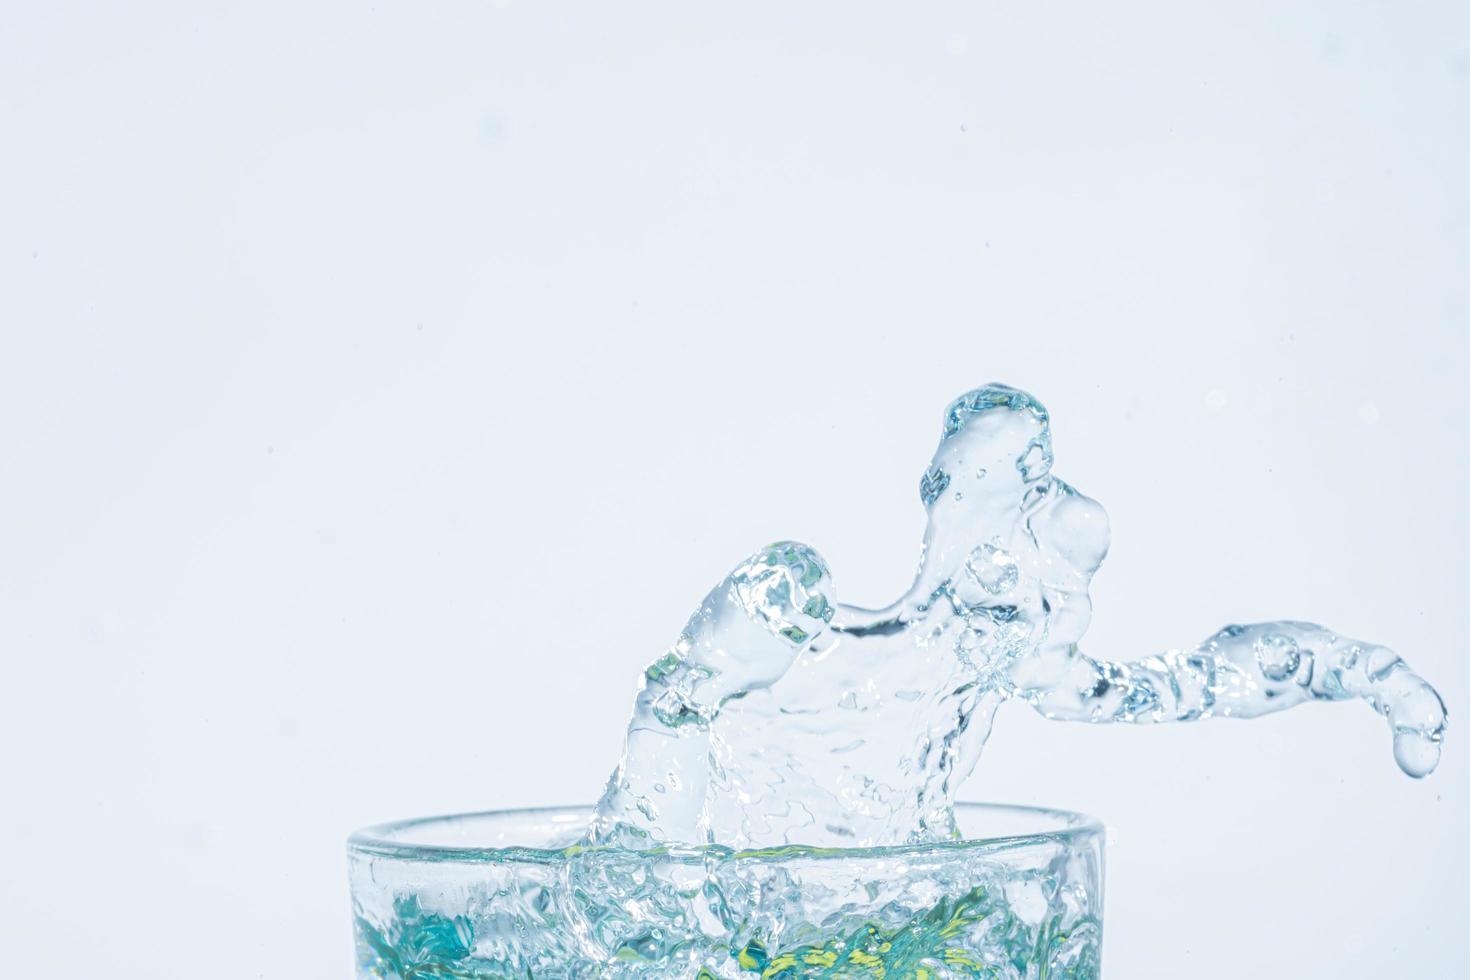 éclaboussure d'eau dans un verre sur fond blanc photo